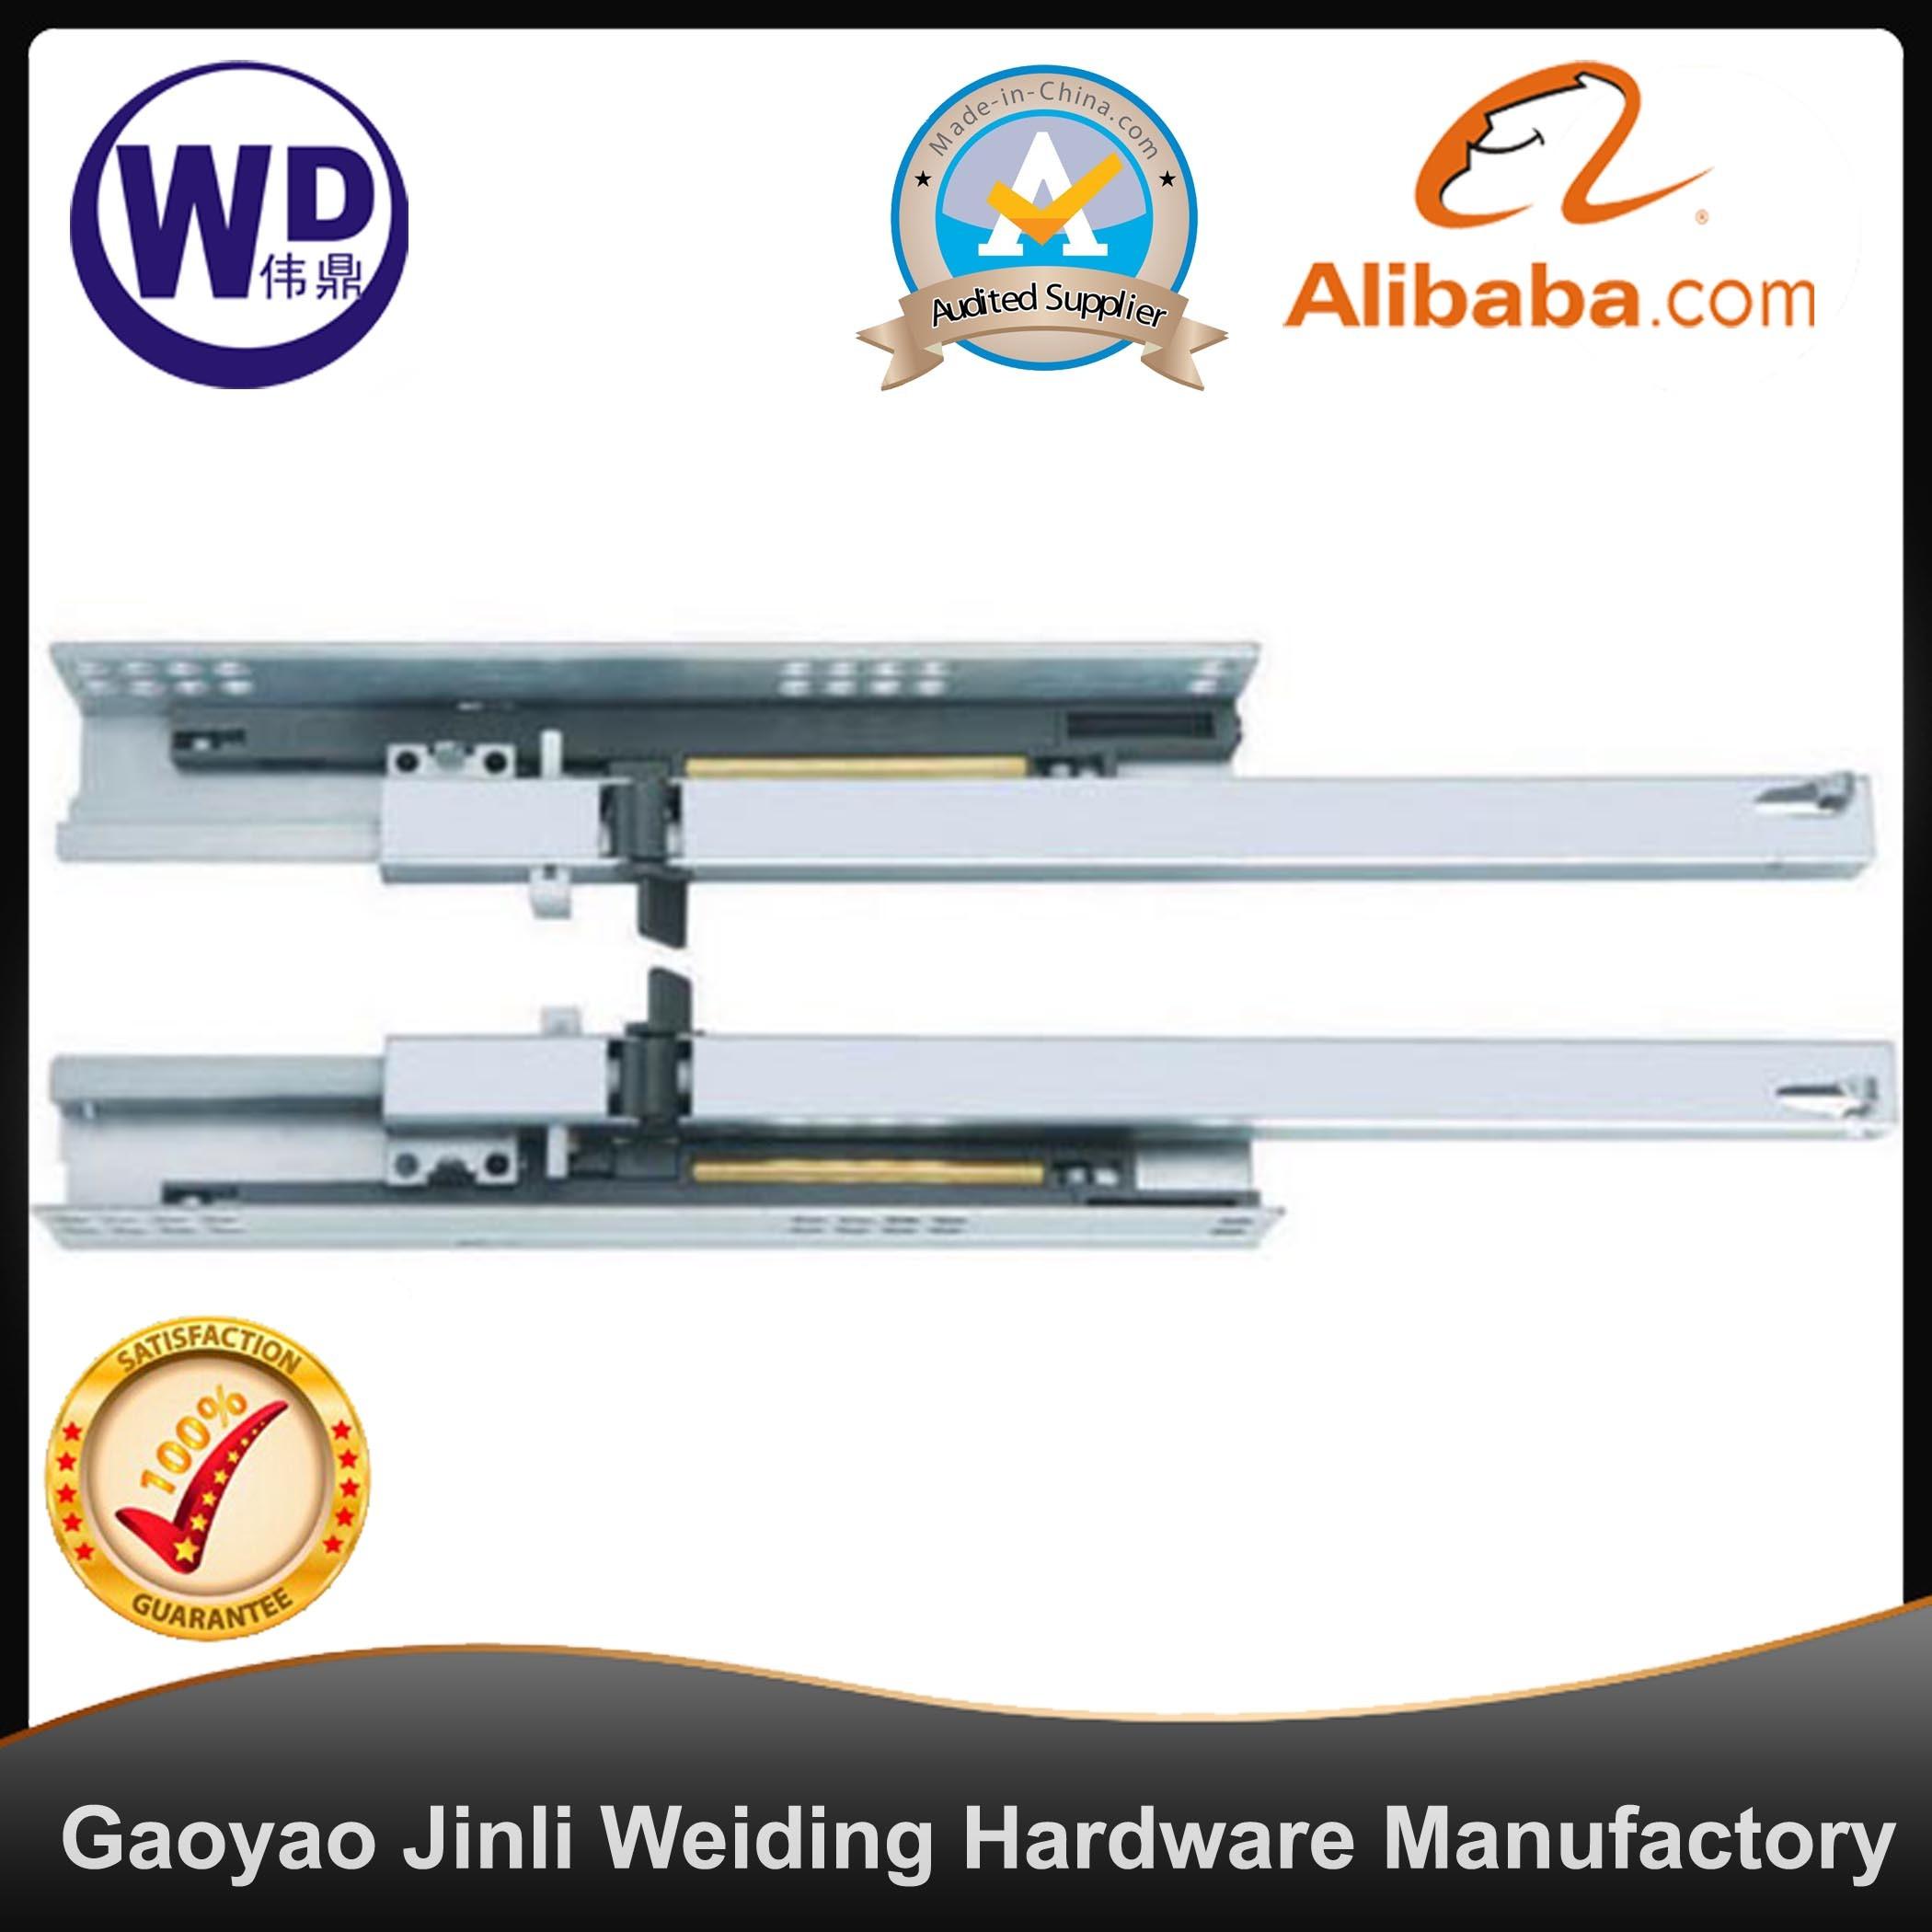 SL-2507 16mm Drawer Side Two Fold Soft Close Concealed Slide